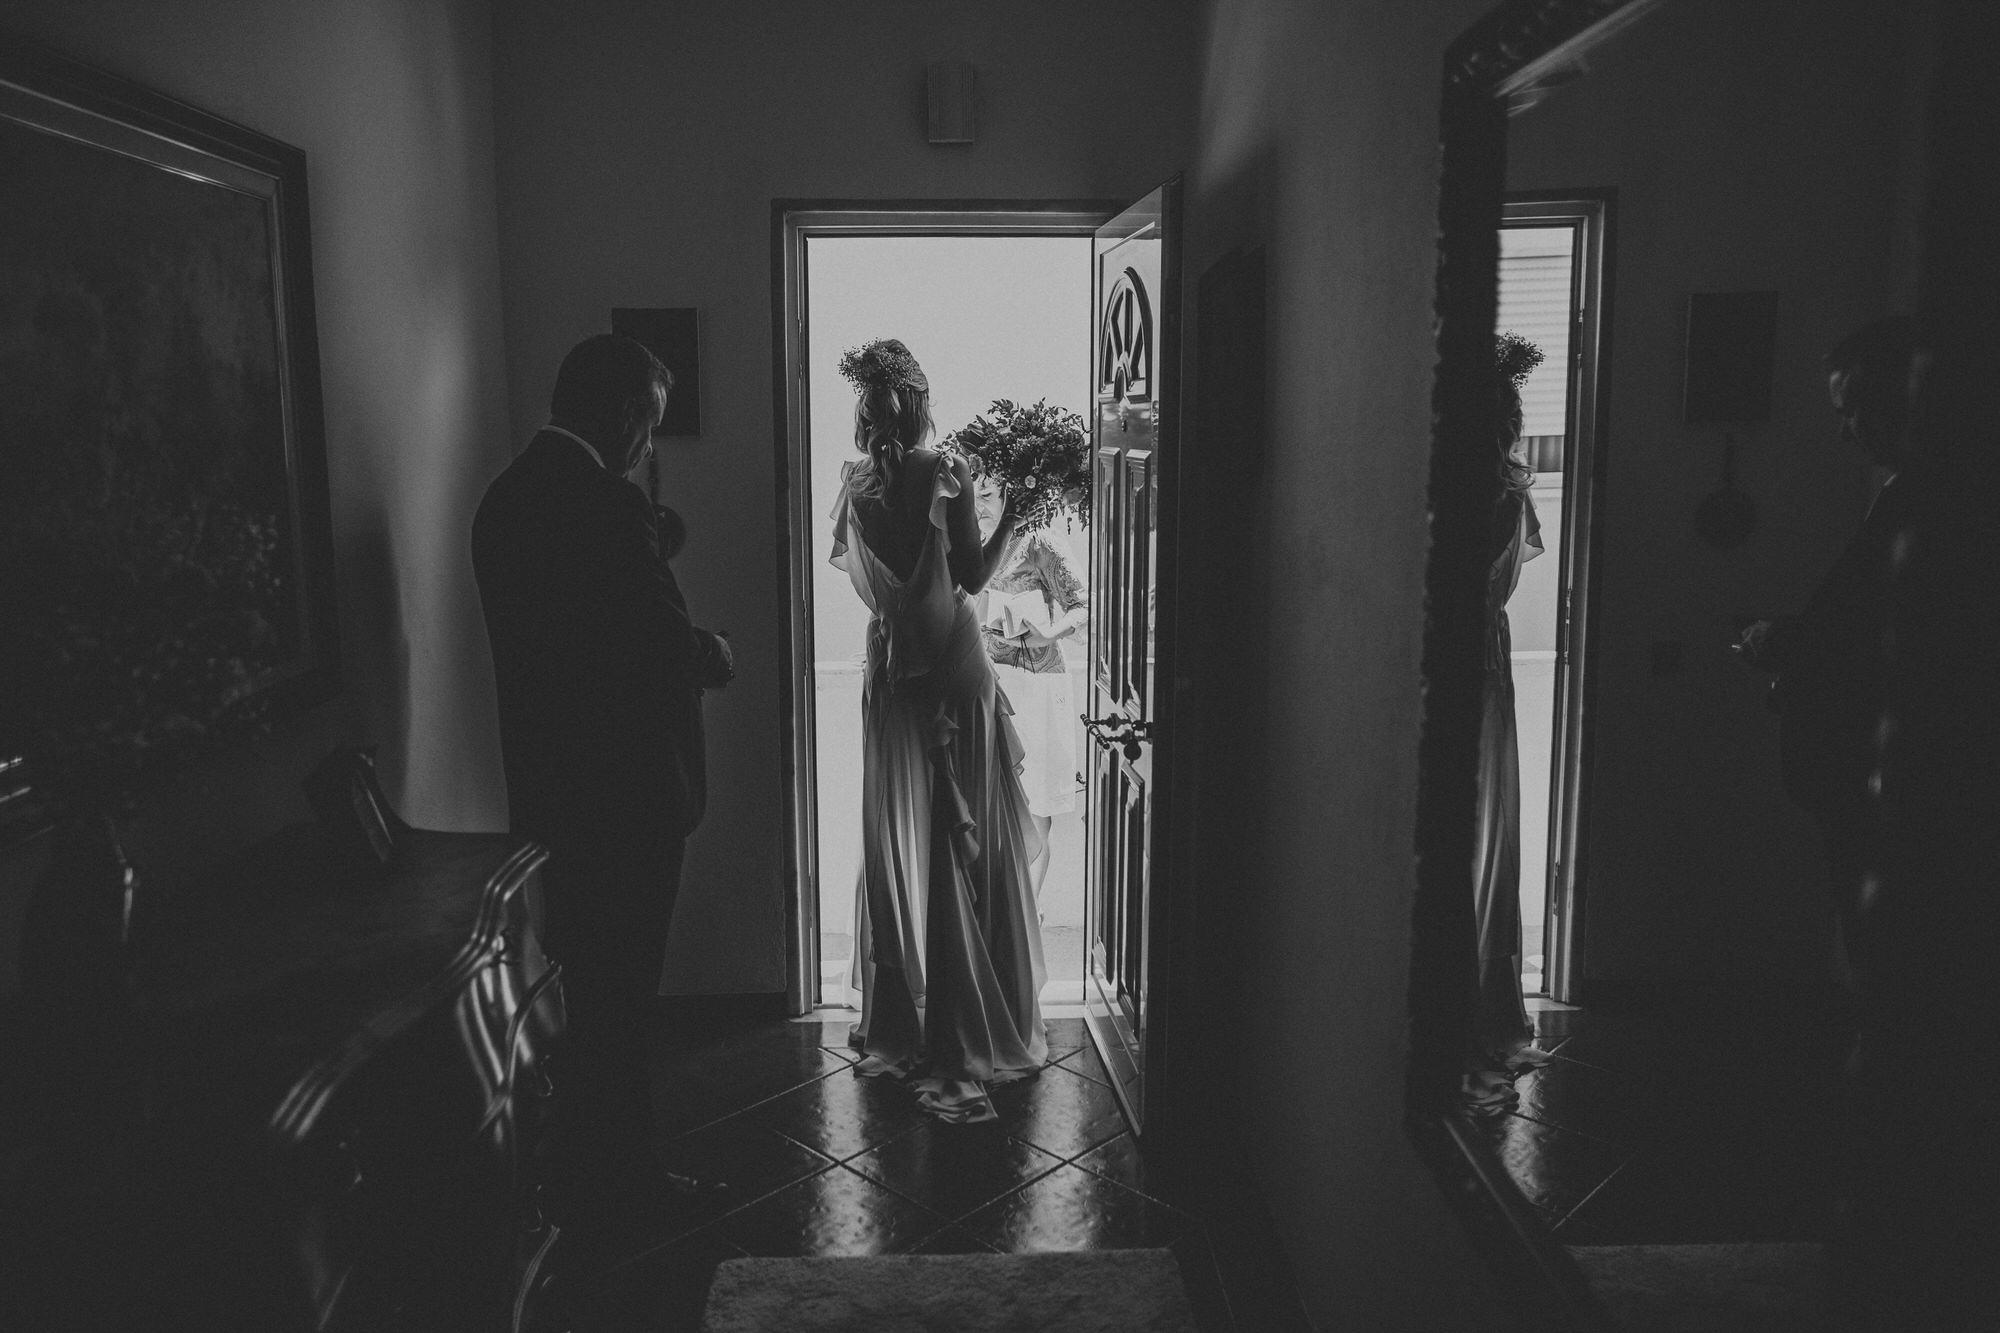 Filipe Santiago Fotografia-fotografo-malveira-lisboa-cascais-mafra-melhores-reportagem-wedding-photography-portugal-lisbon-best-natural-casamentos-lifestyle-bride-ideias-rustic-boho-hair-mackup-damas-preparativos-preparations-bridemaids-dress-shoes-bouquet-door